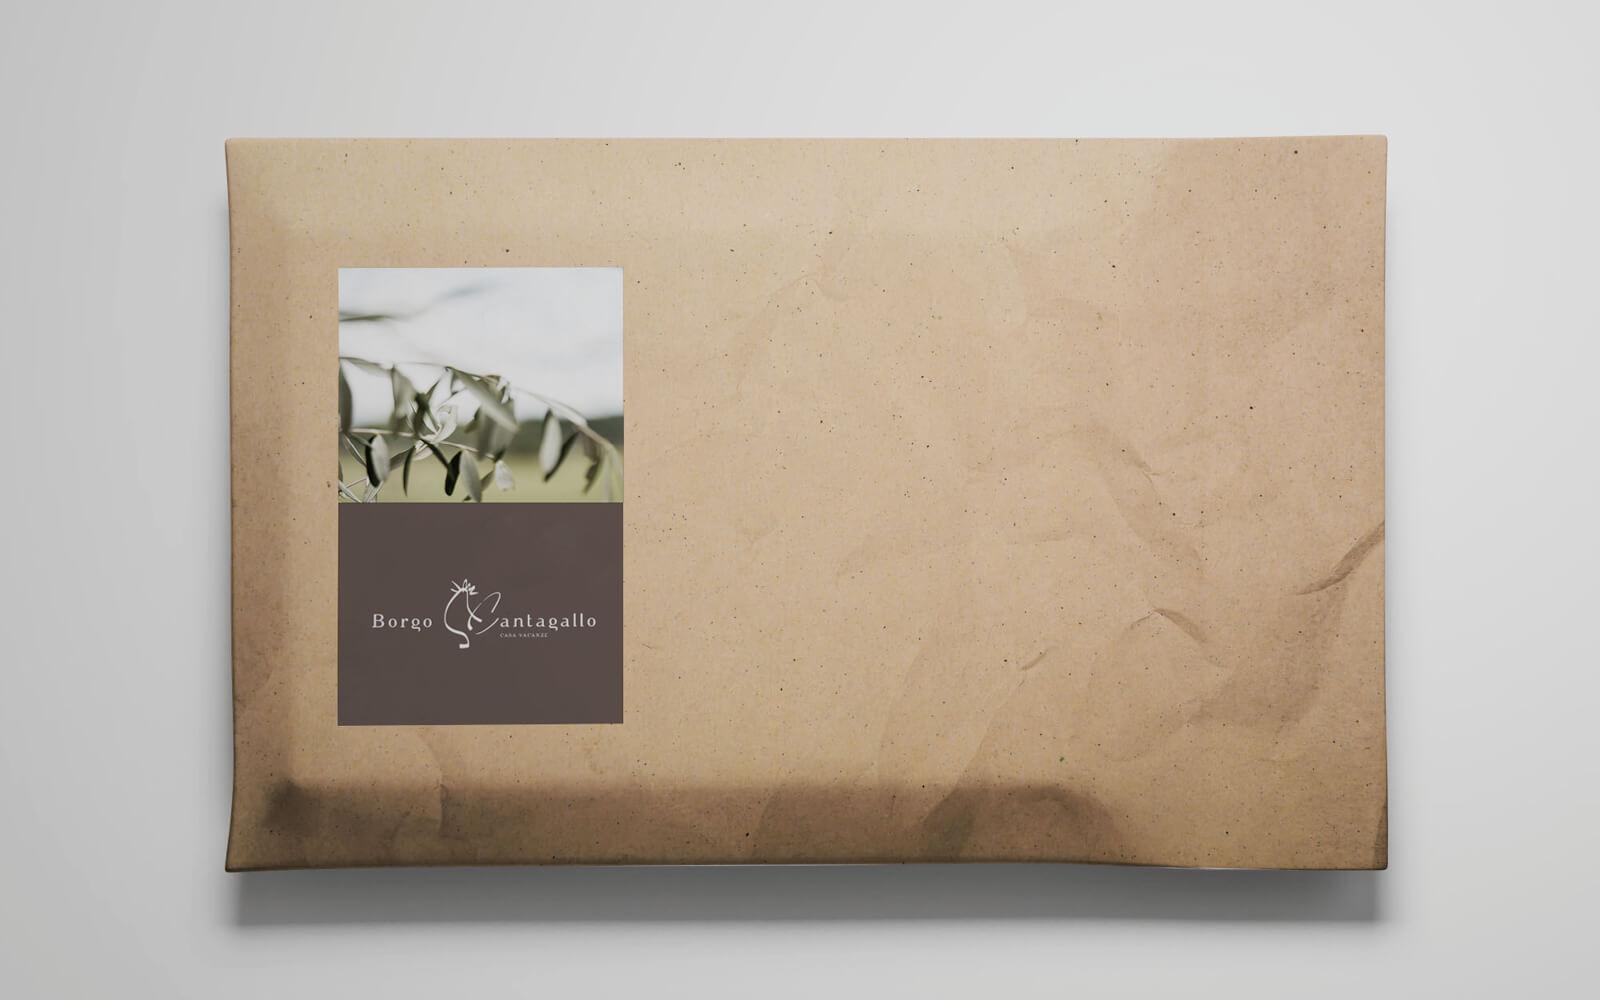 dettaglio etichette chiudipacco progettate da diadestudio per borgo cantagallo b&b